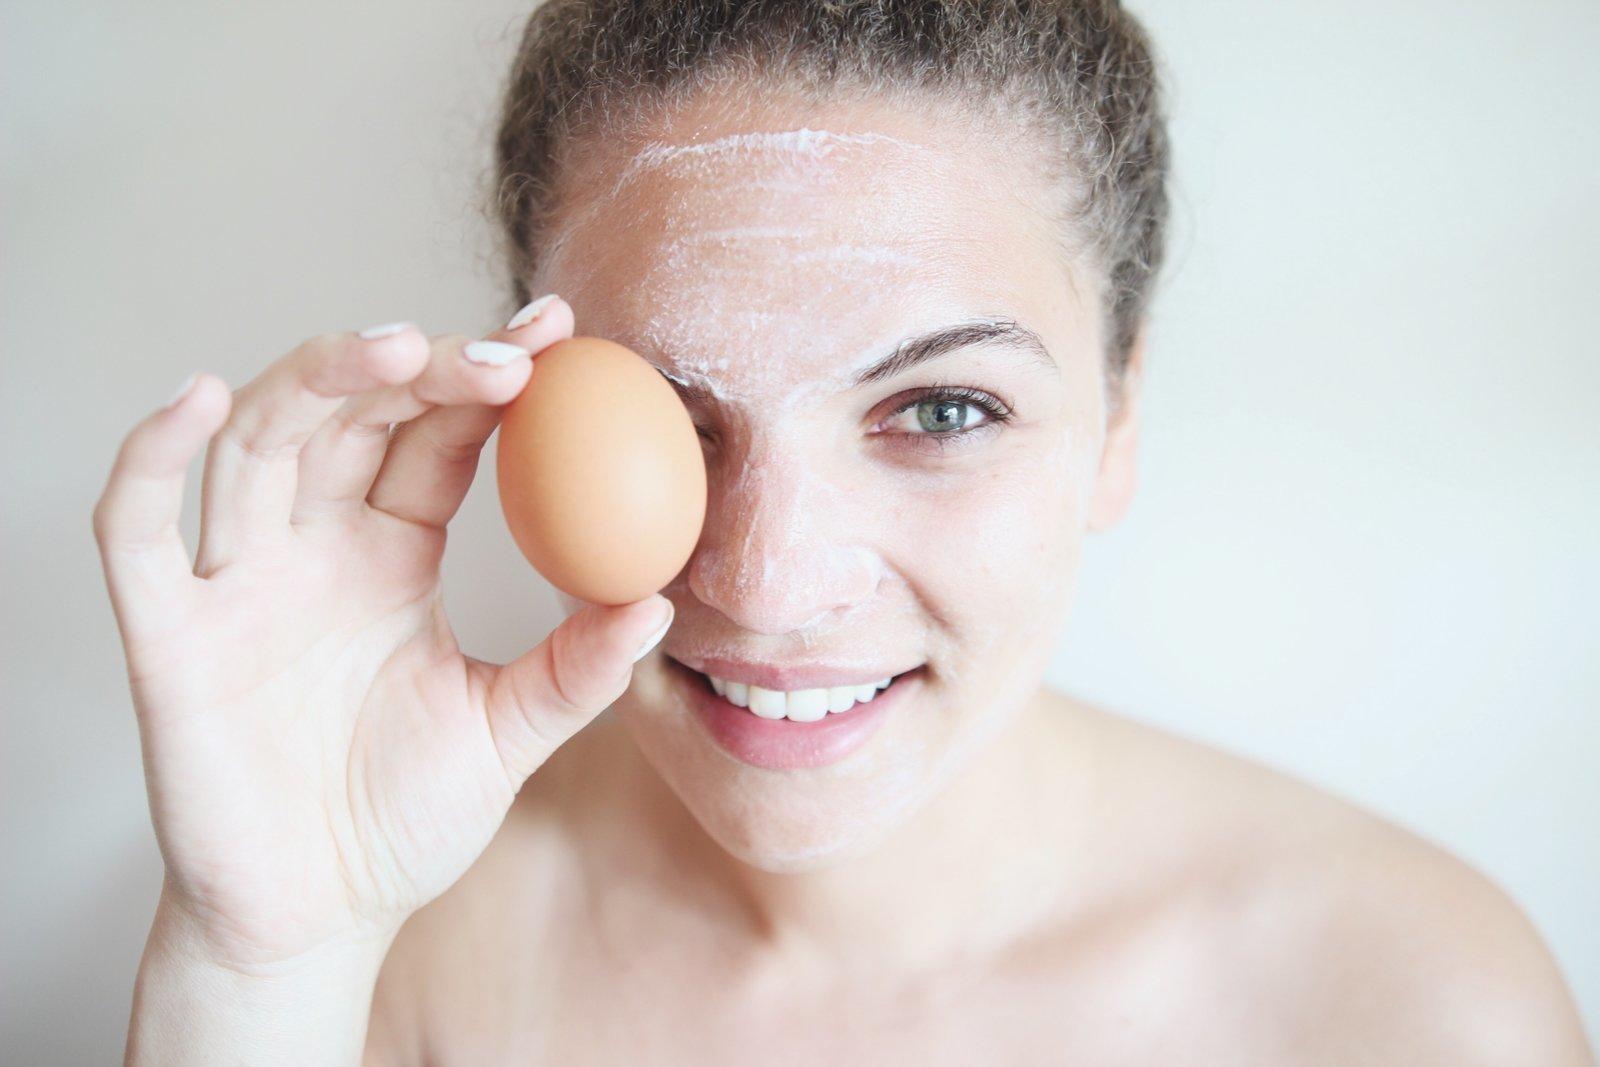 Маска для лица из белка: польза, применение, рецепты